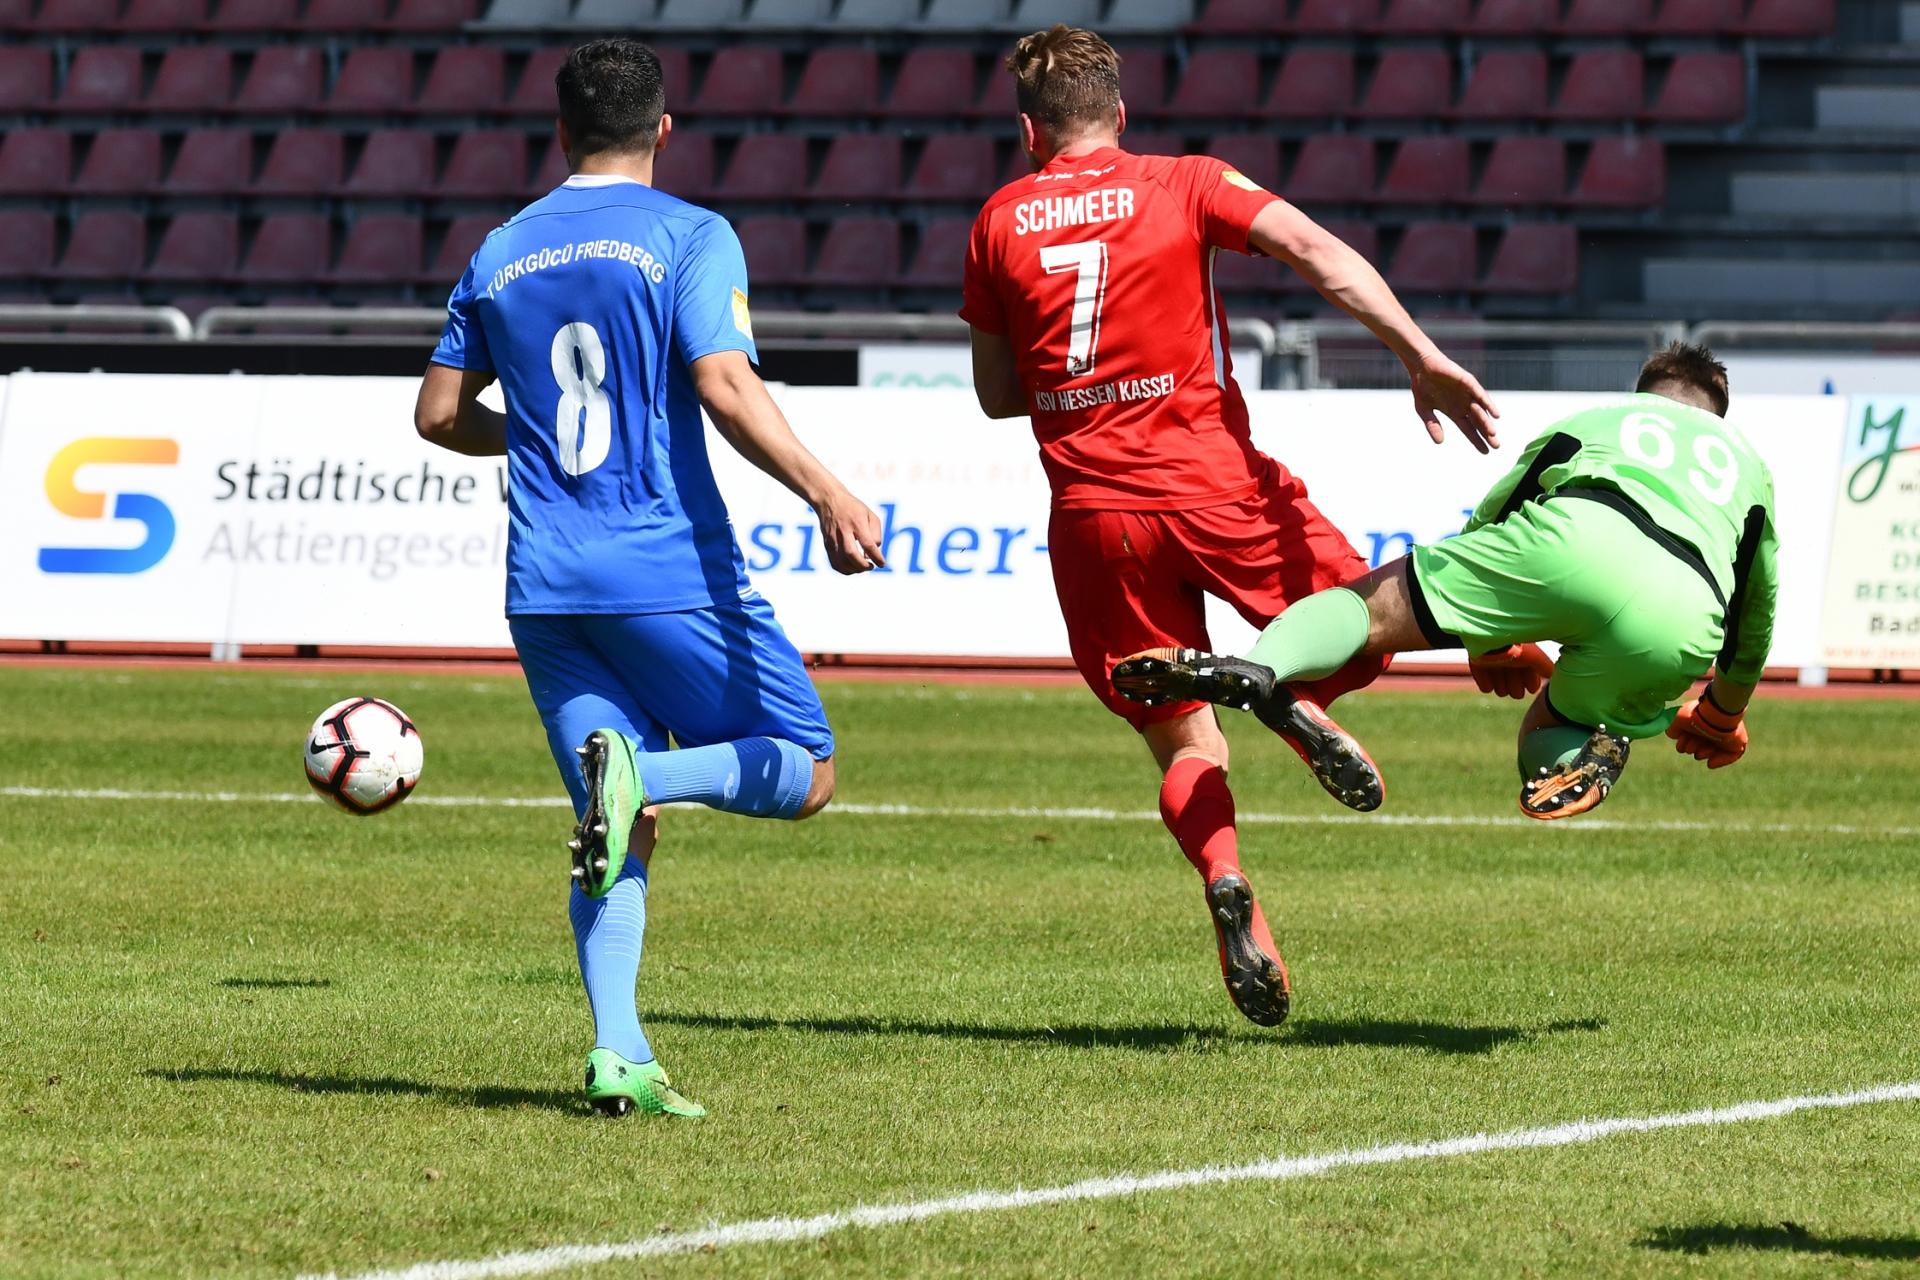 Lotto Hessenliga 2018/2019, KSV Hessen Kassel, T�rk G�c� Friedberg, Endstand 4:0, Sebastian Schmeer (KSV Hessen Kassel)